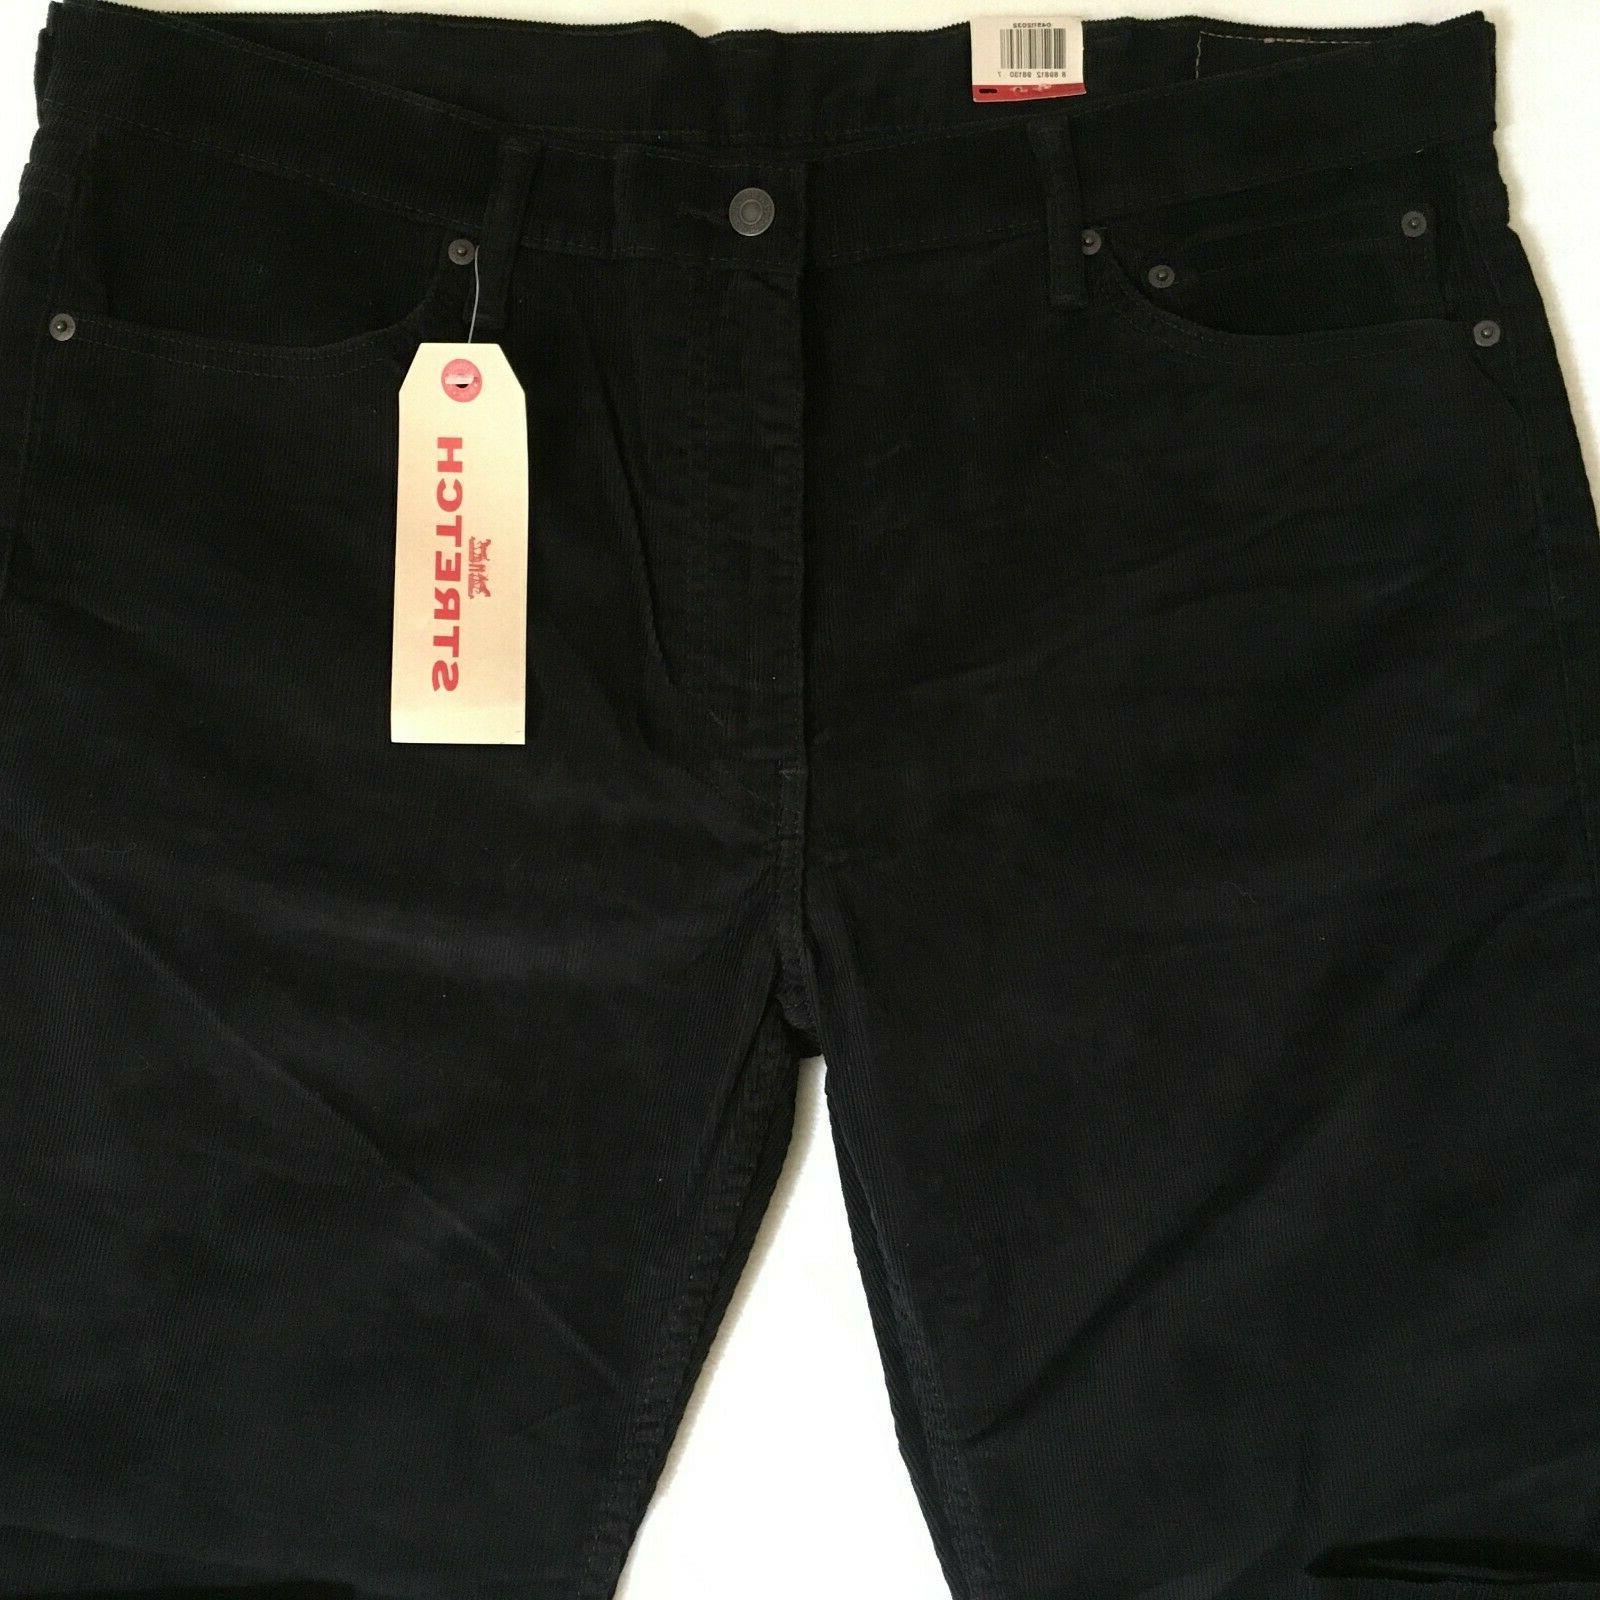 Levis Mens Slim Pants $69.50